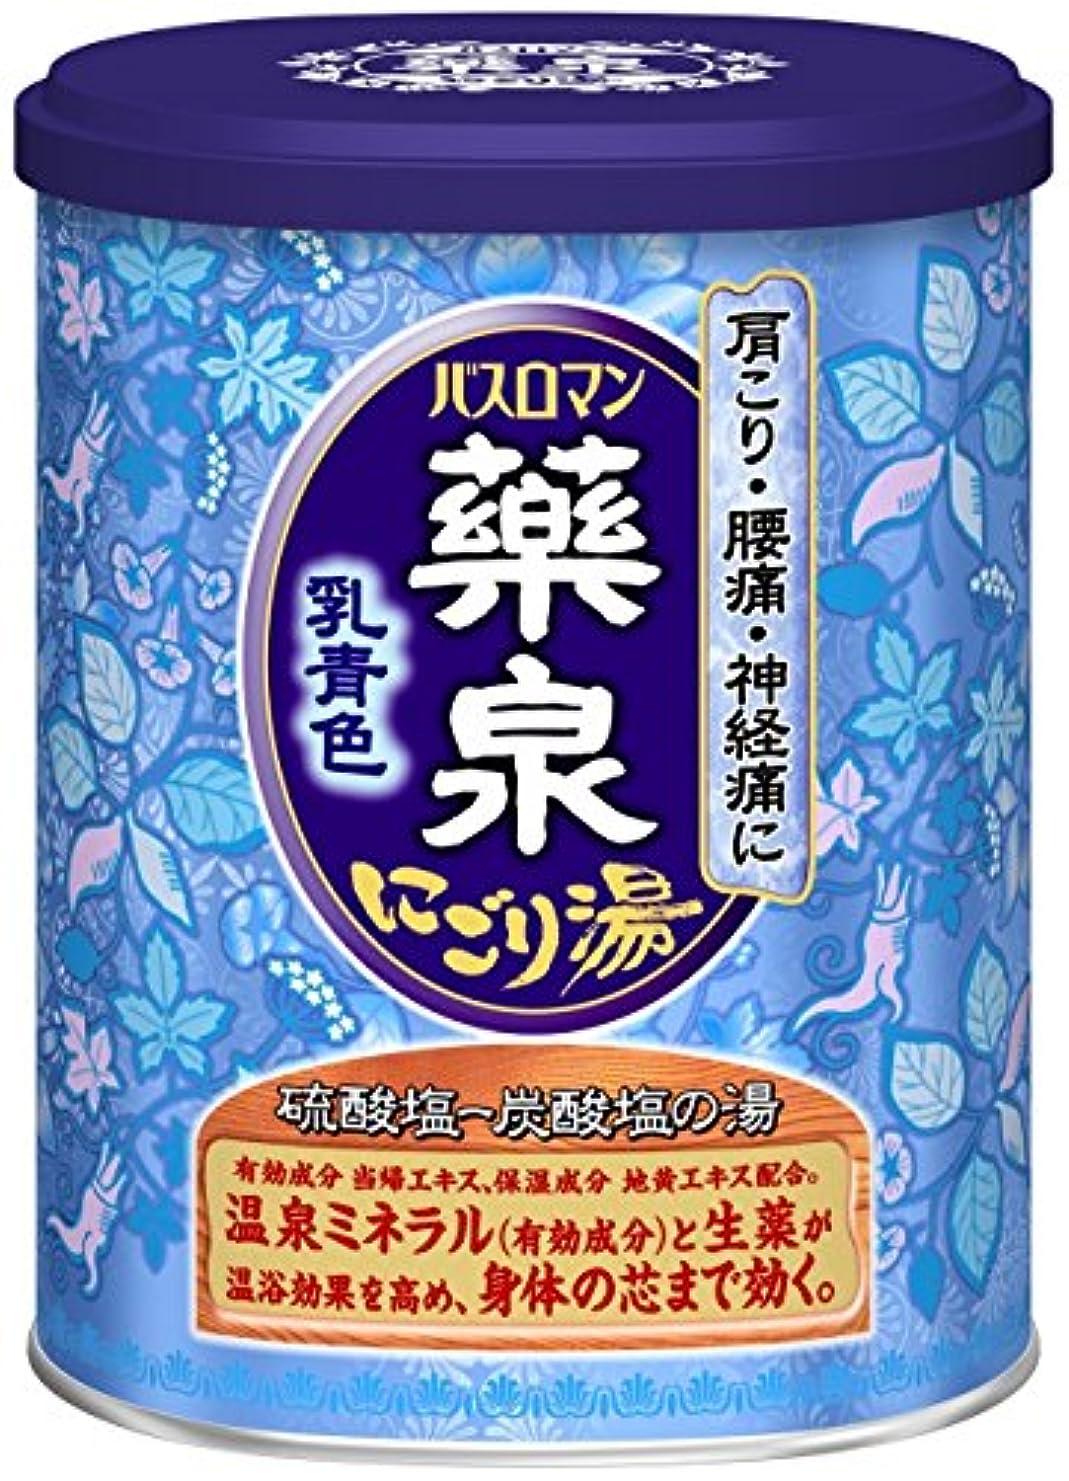 比較的甘い反毒薬泉バスロマン乳青色650g